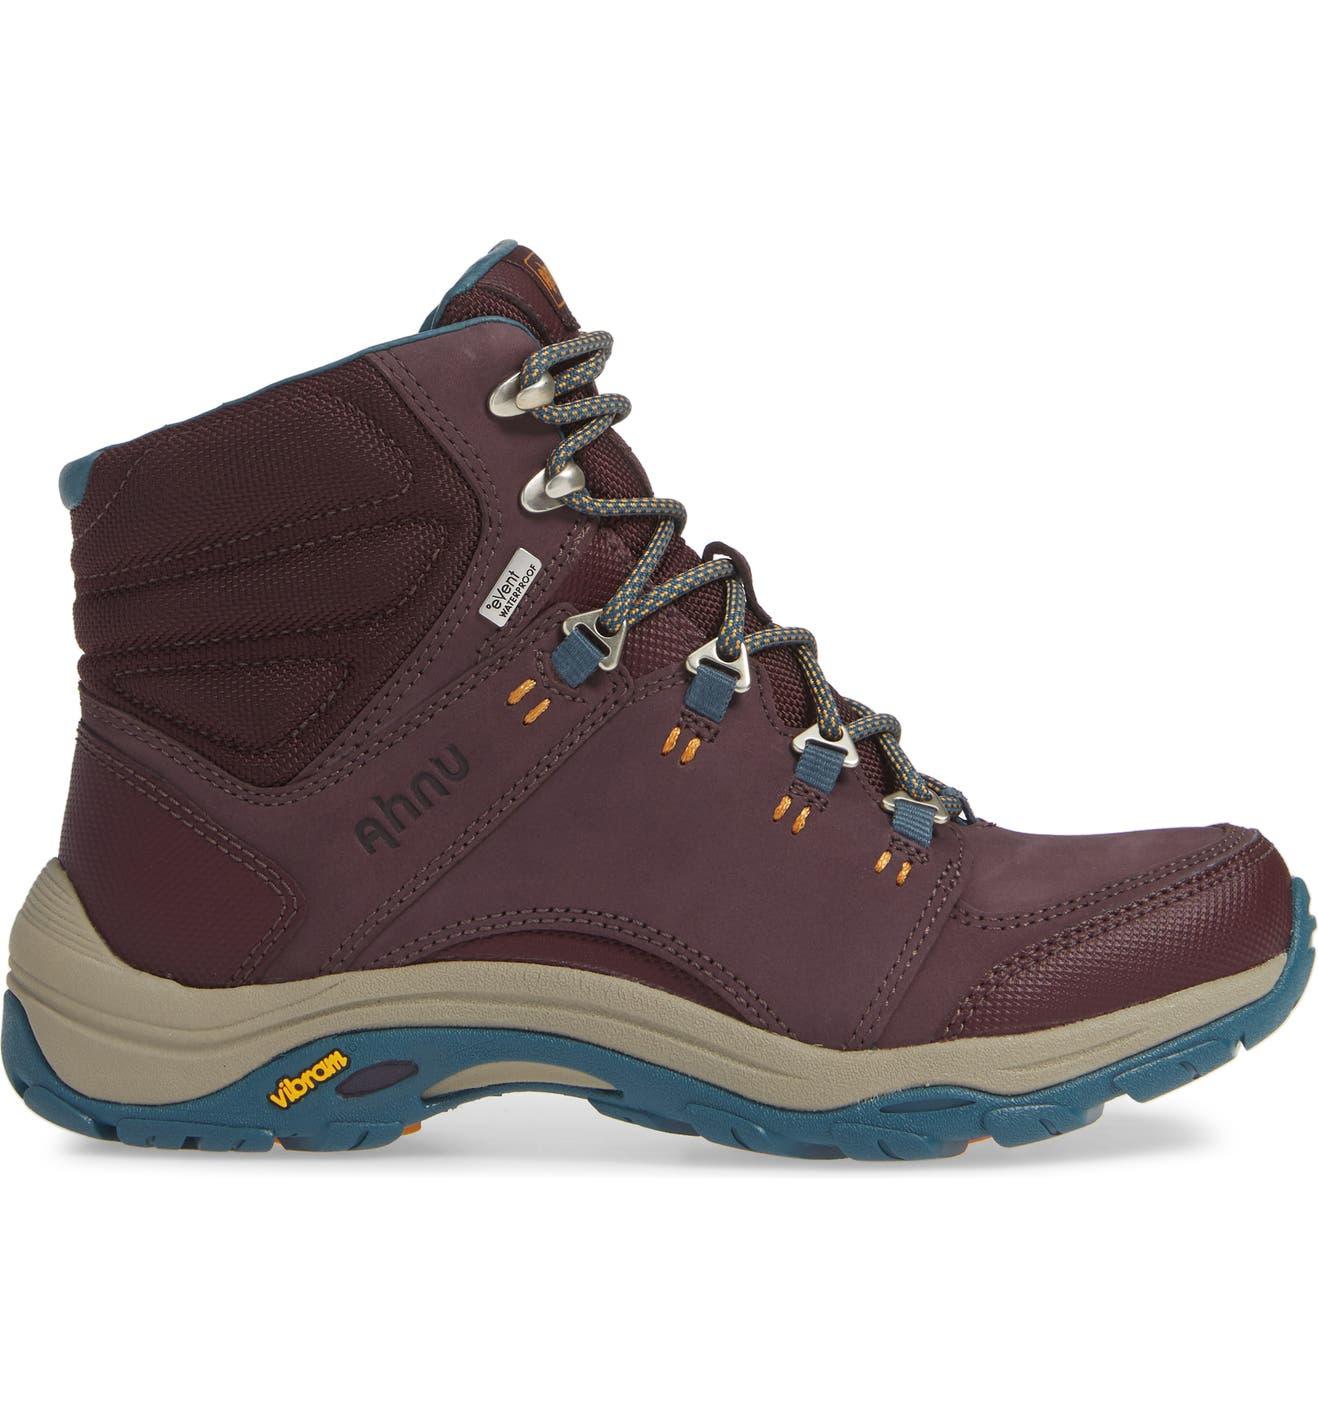 ee7e04cbef4 Ahnu by Teva Montara III Waterproof Hiking Boot (Women) | Nordstrom